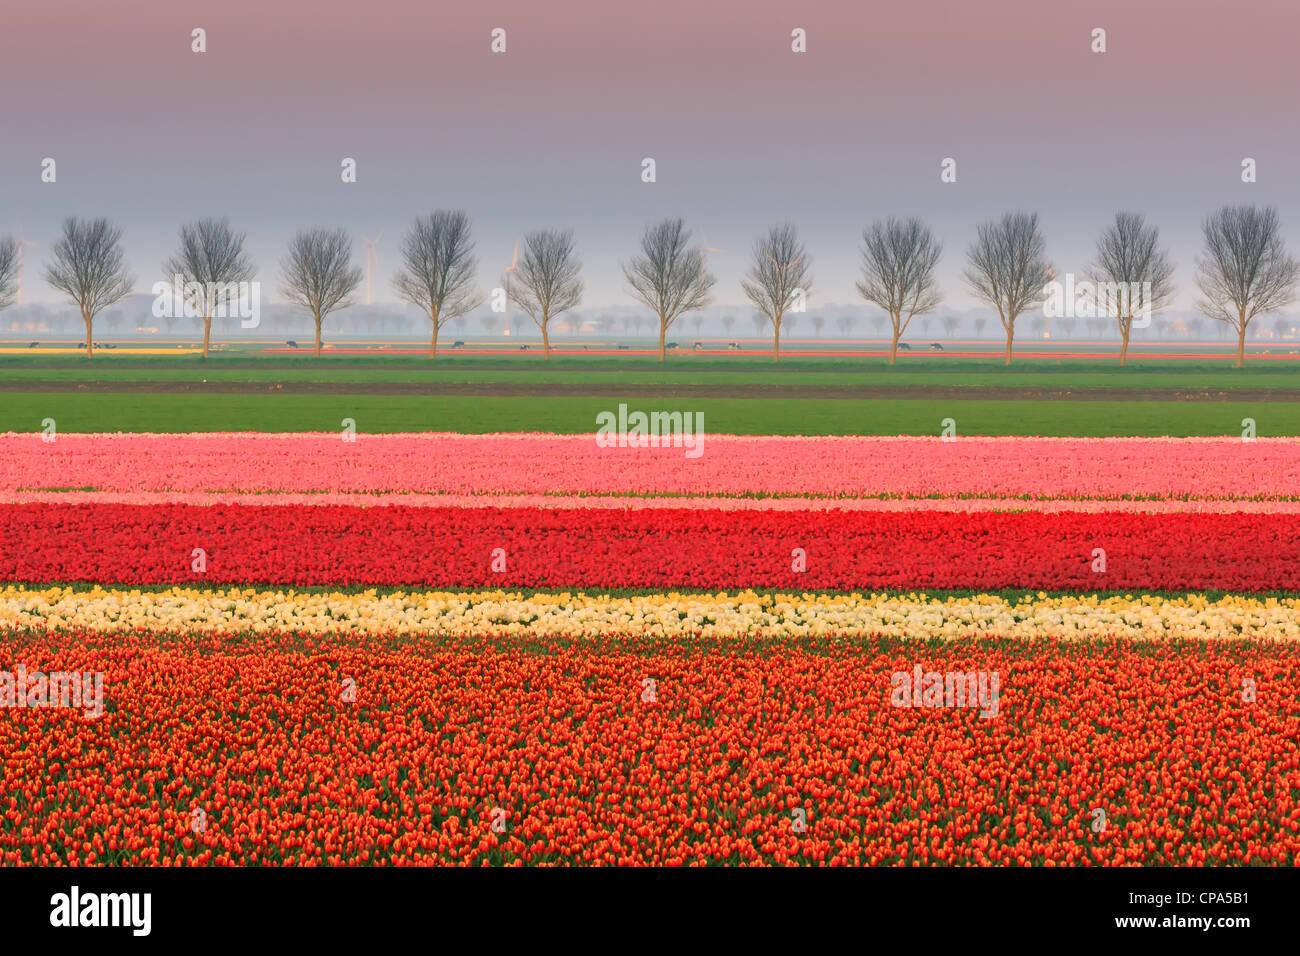 Bombilla holandesa y campos de flores durante la primavera en los Países Bajos Imagen De Stock